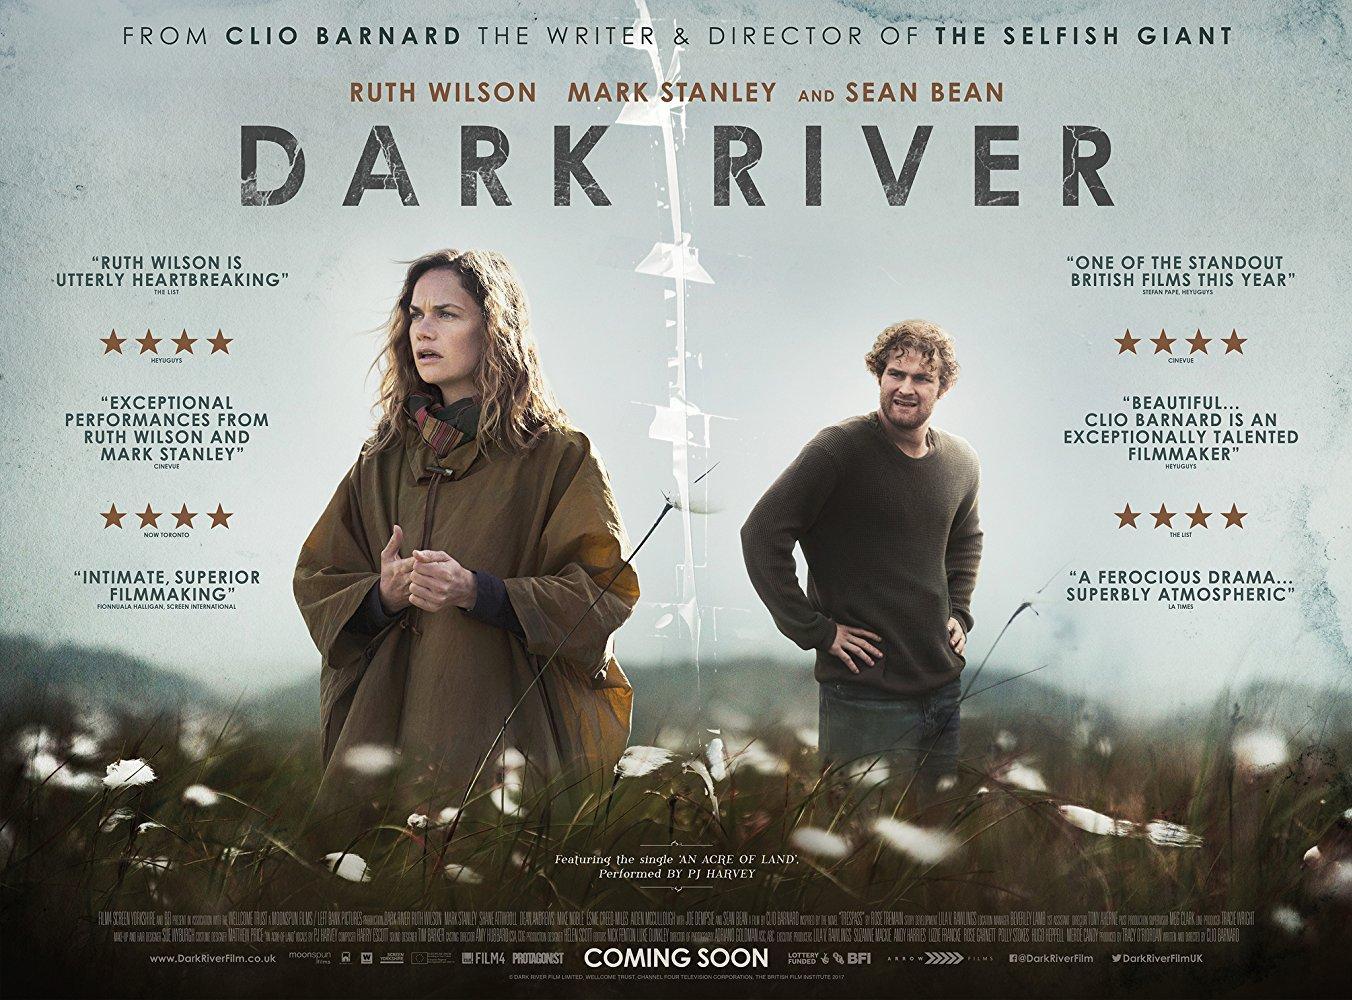 مشاهدة فيلم Dark River 2018 HD مترجم كامل اون لاين